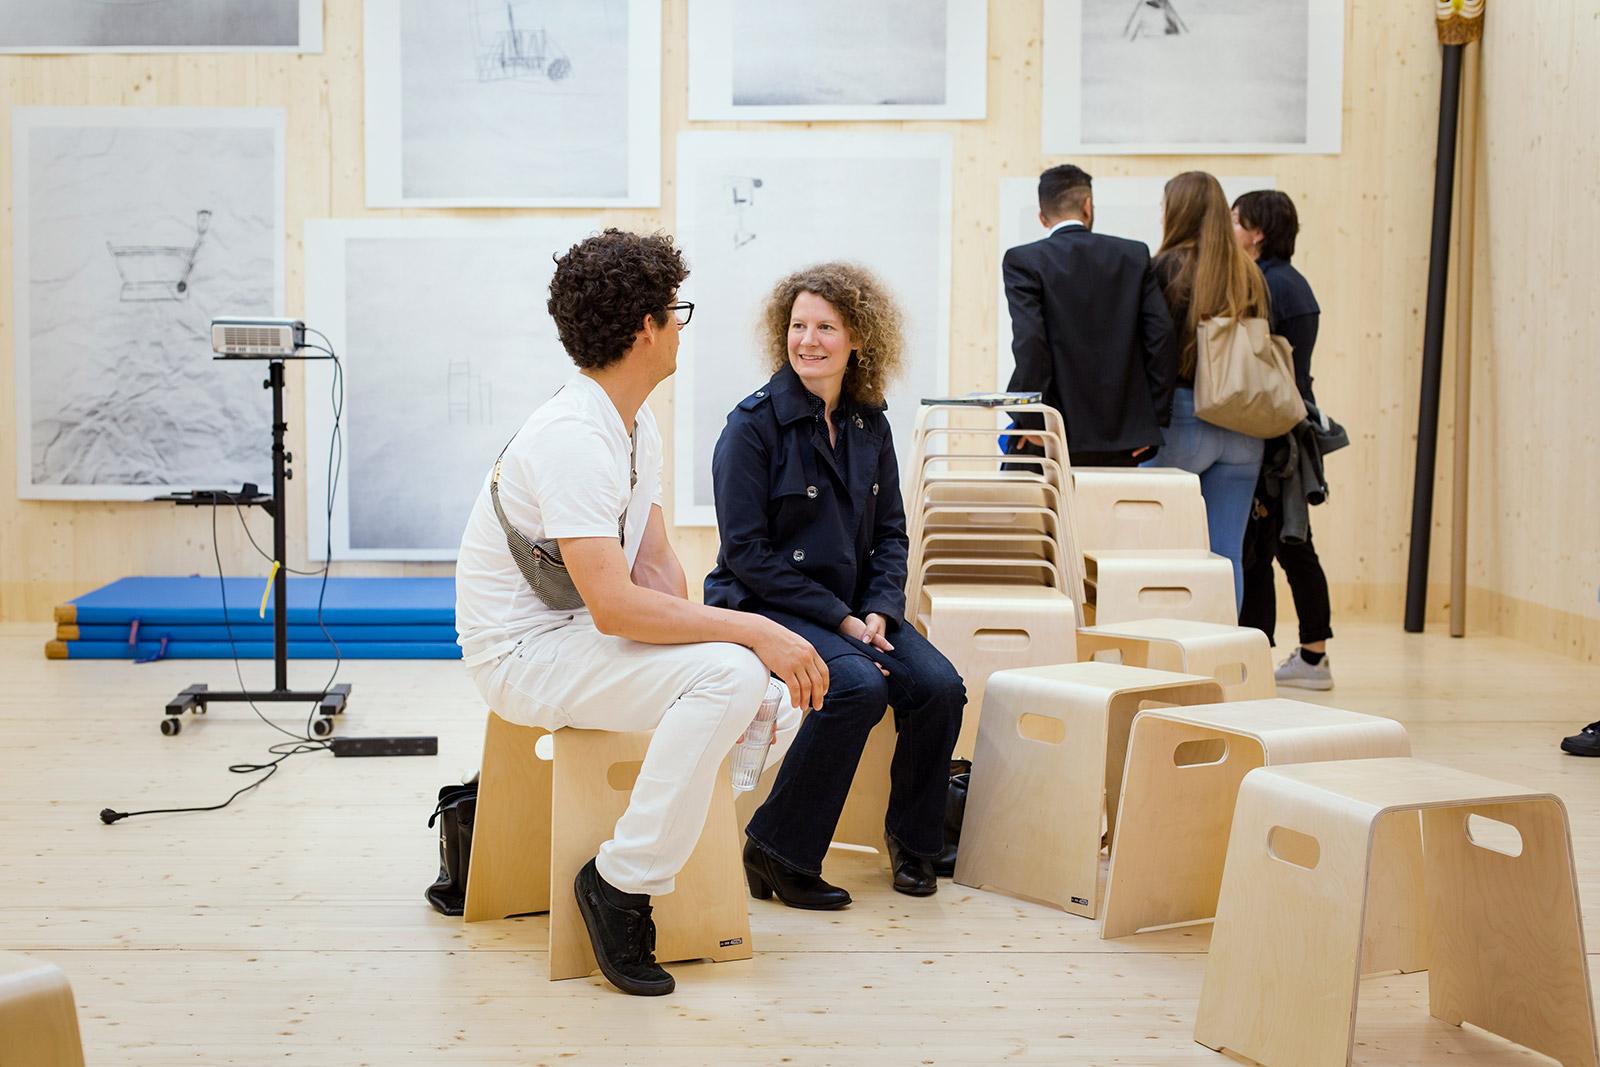 Das Künstlerzimmer – Persönliche Perspektive und Wahrnehmung